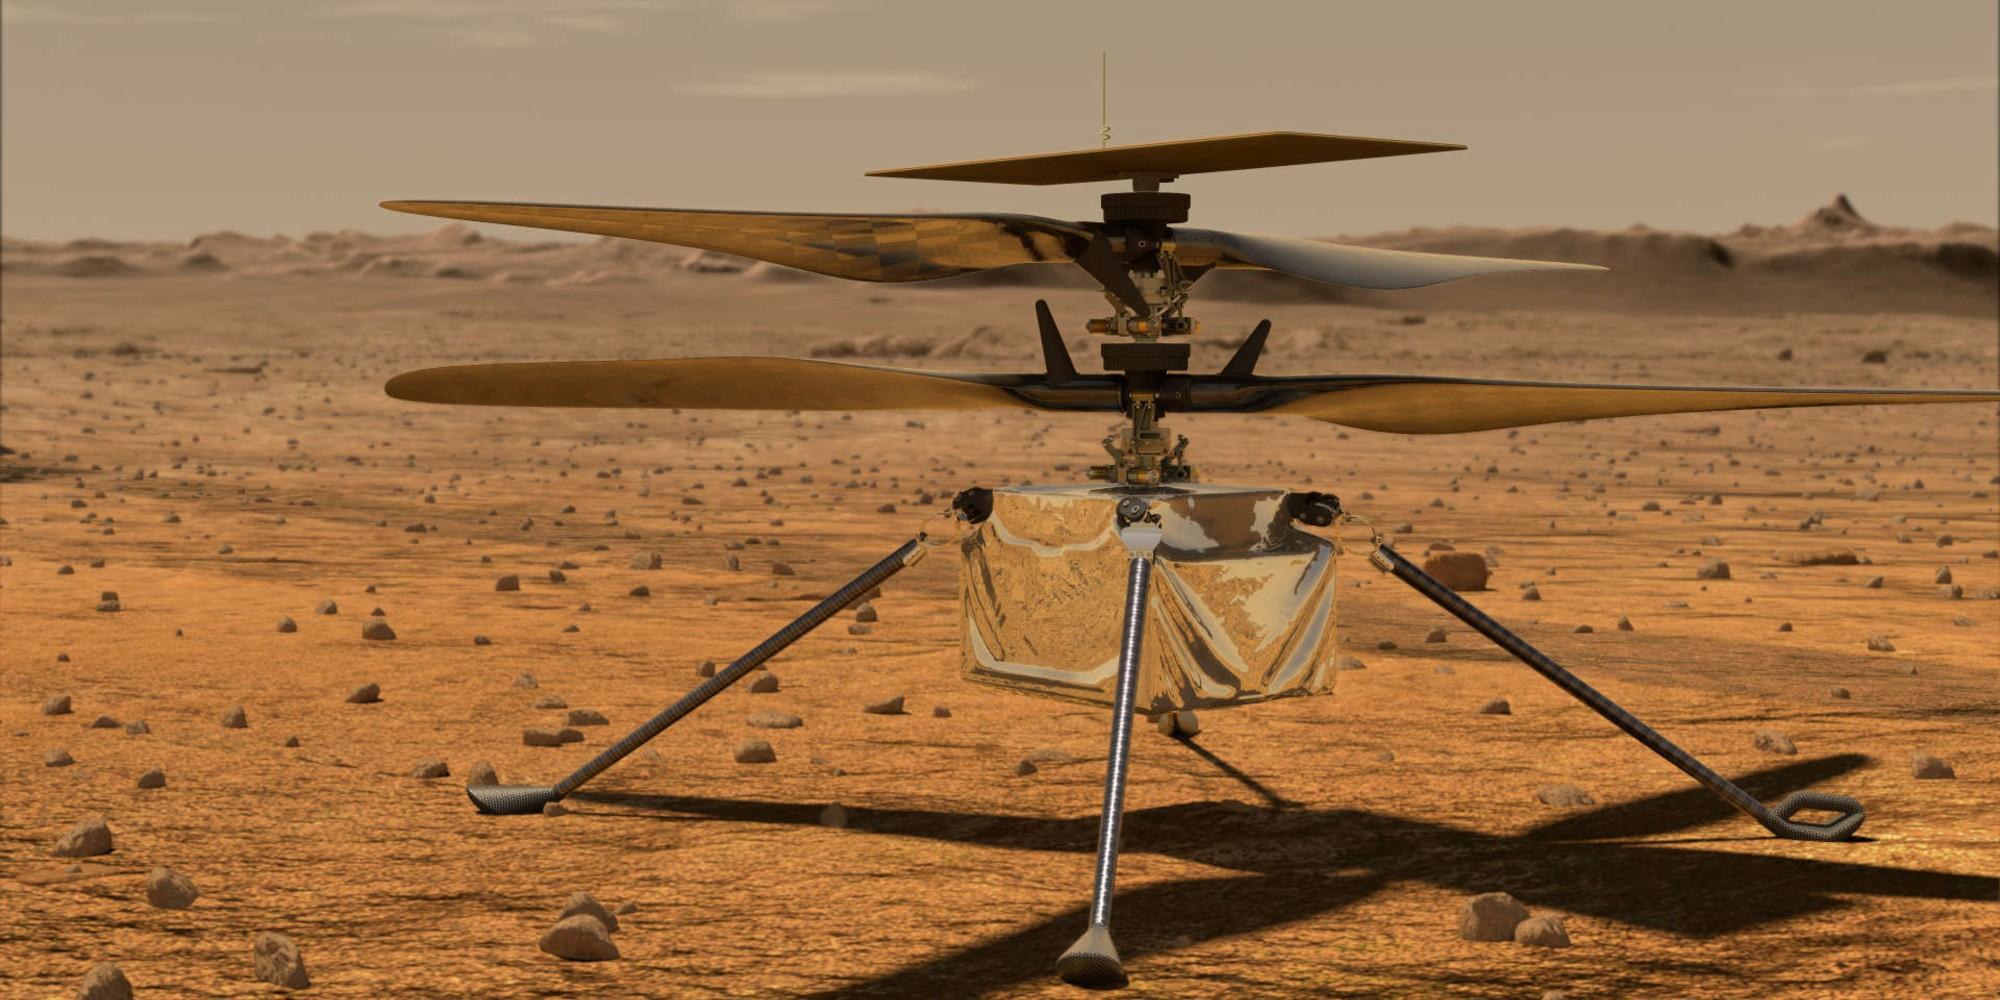 Première tentative de vol d'un hélicoptère sur Mars début avril